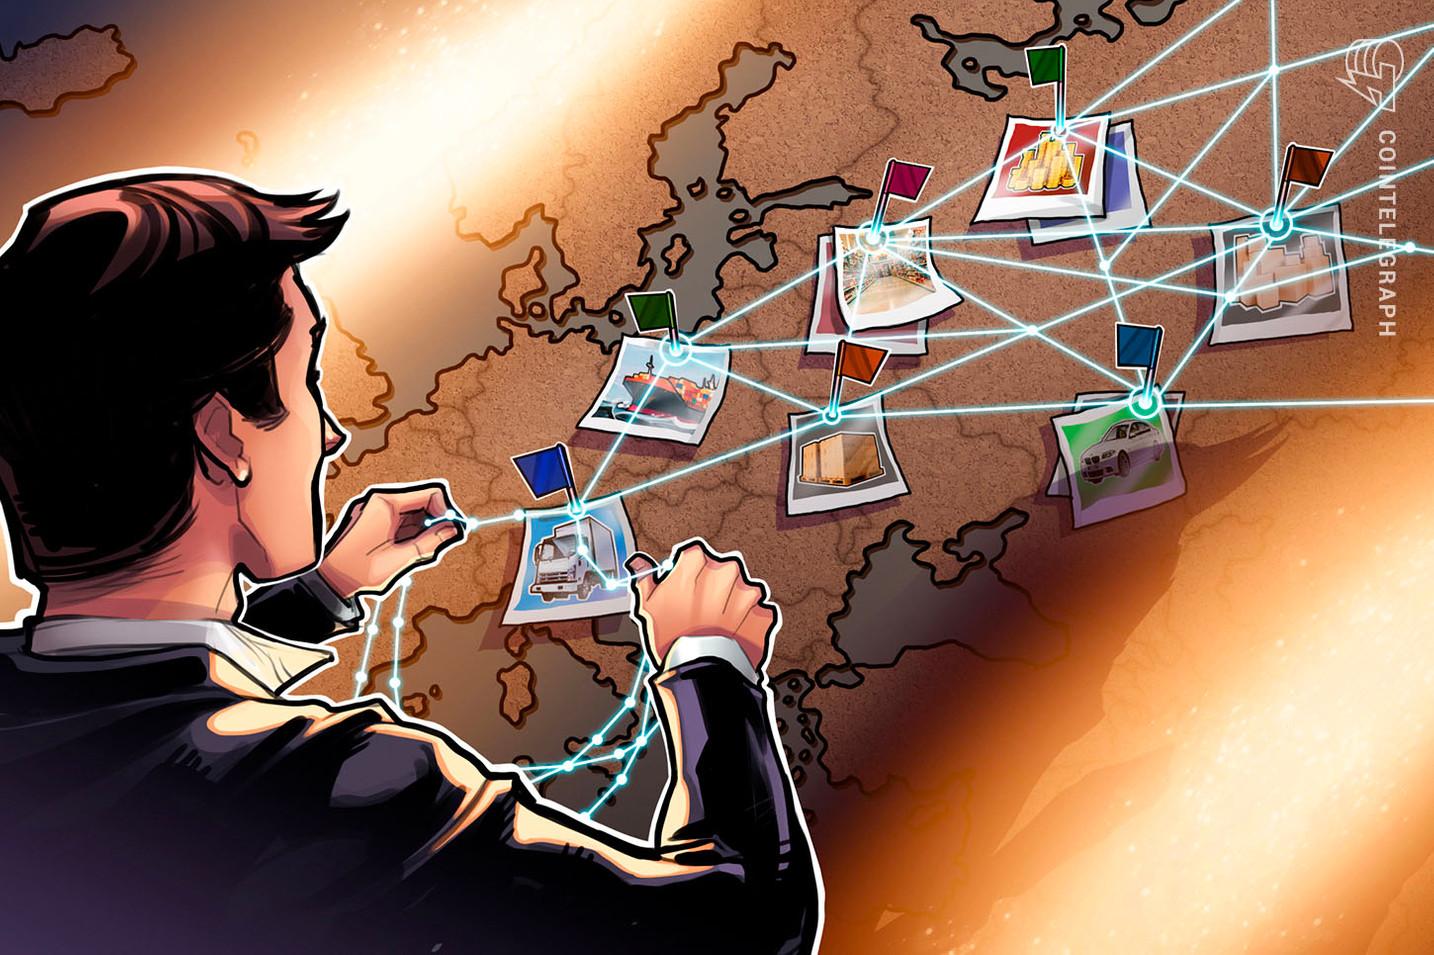 Desde cerdos hasta diamantes: cómo Blockchain está haciendo transparente la industria de logística